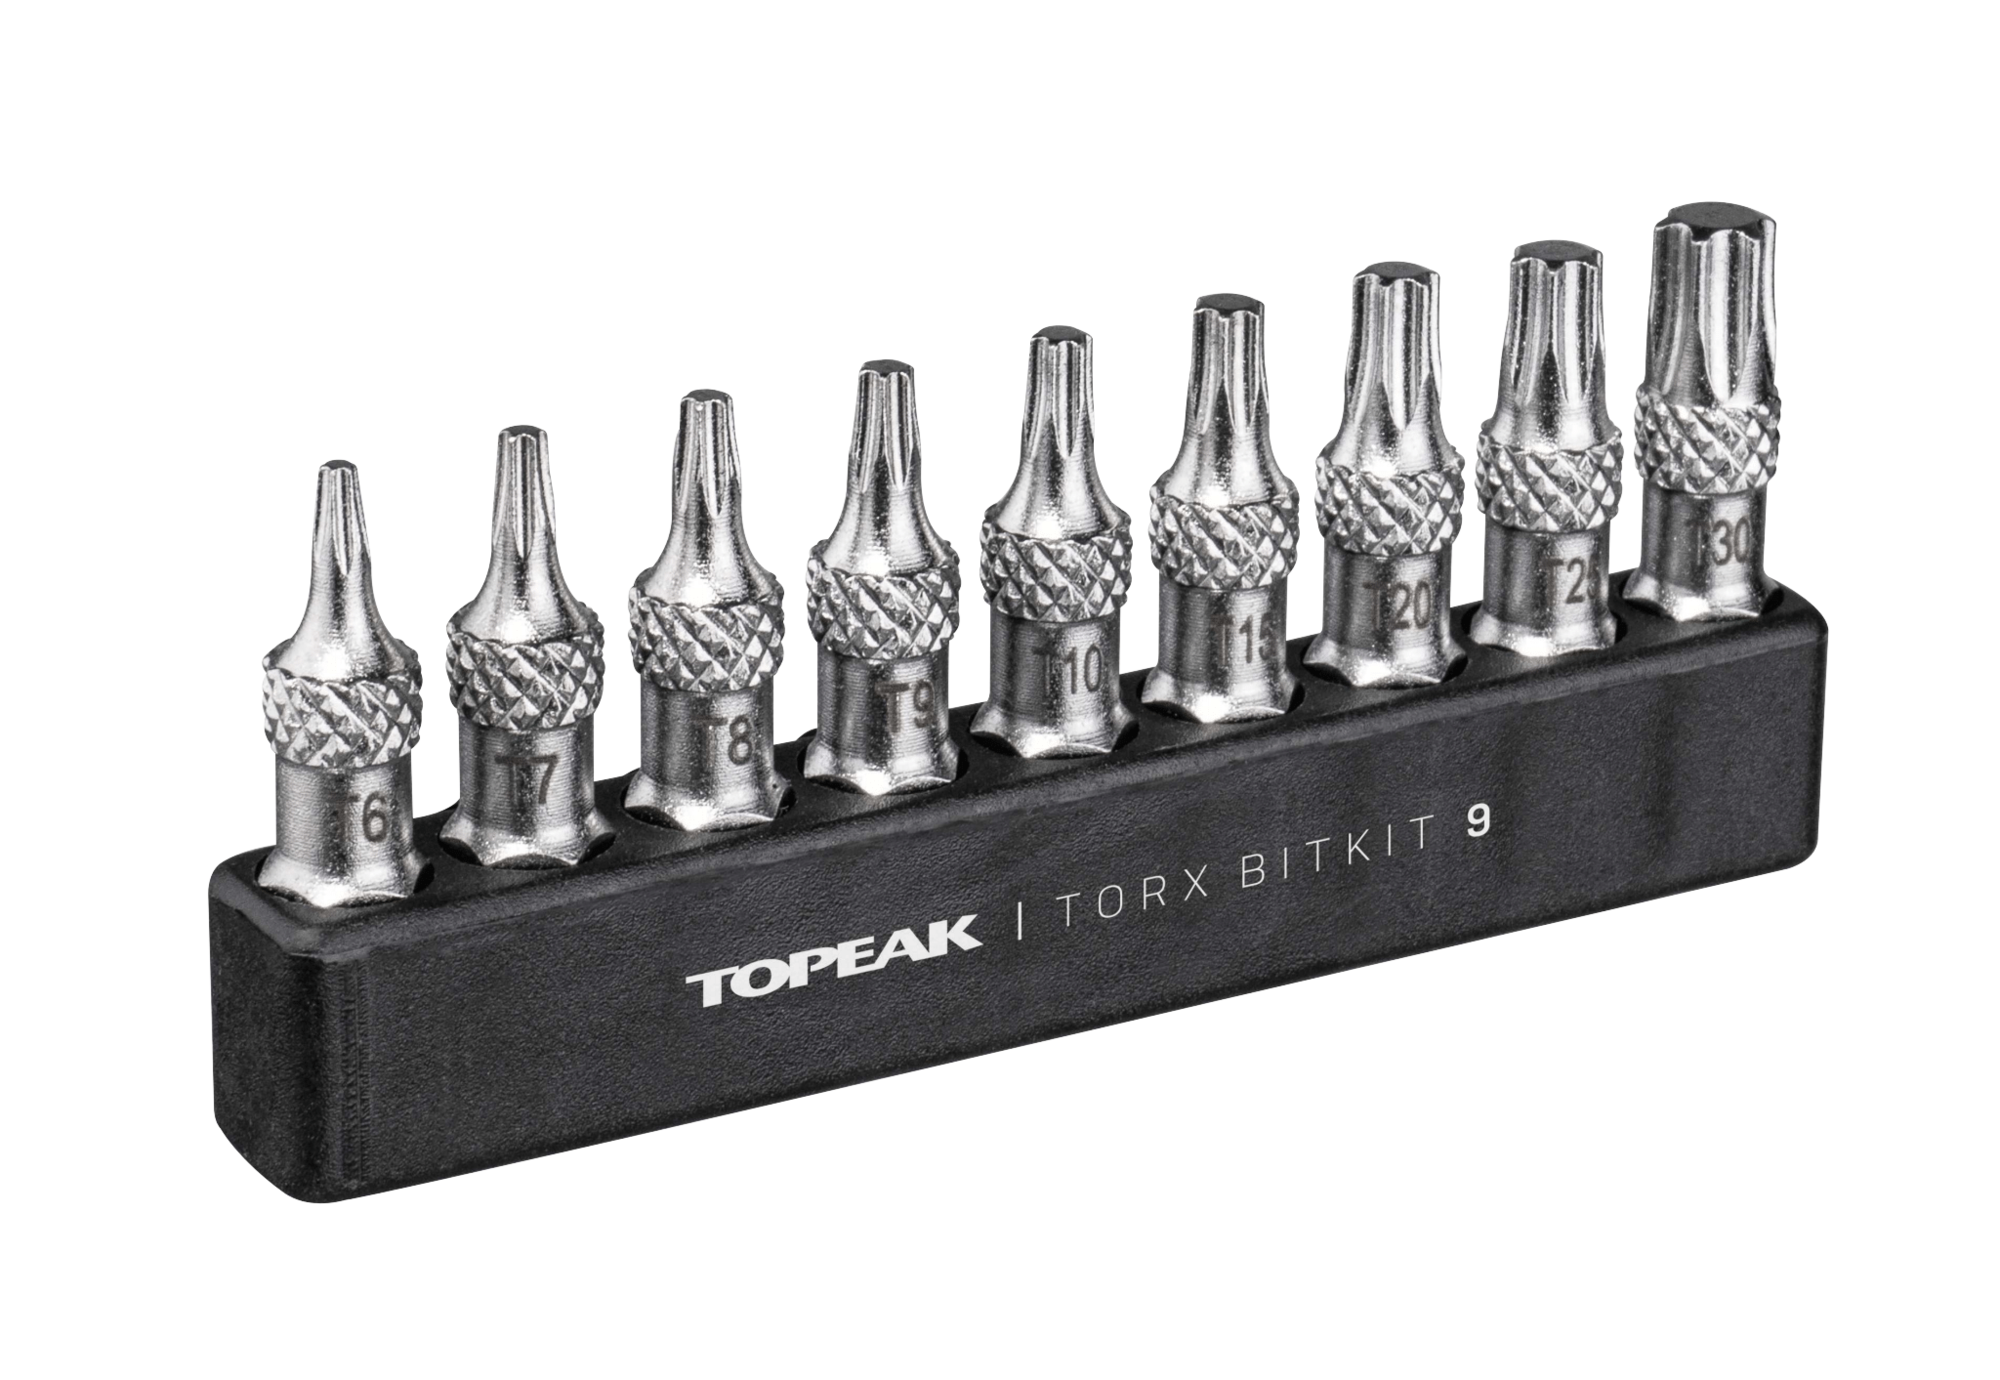 Topeak Torx BitKit 9